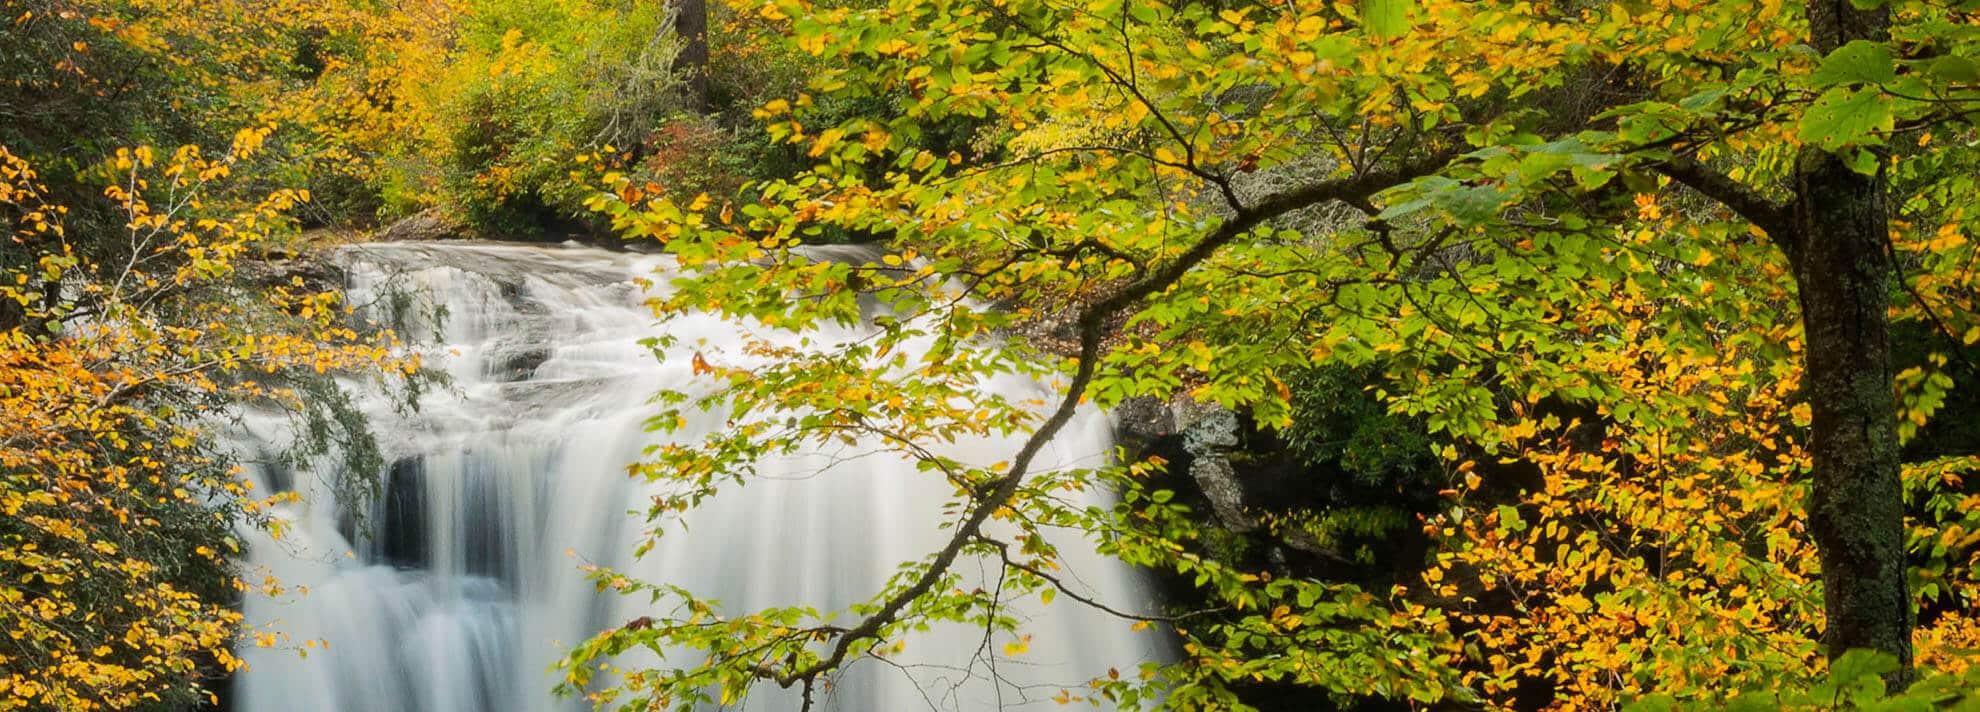 waterfalls near Asheville North Carolina